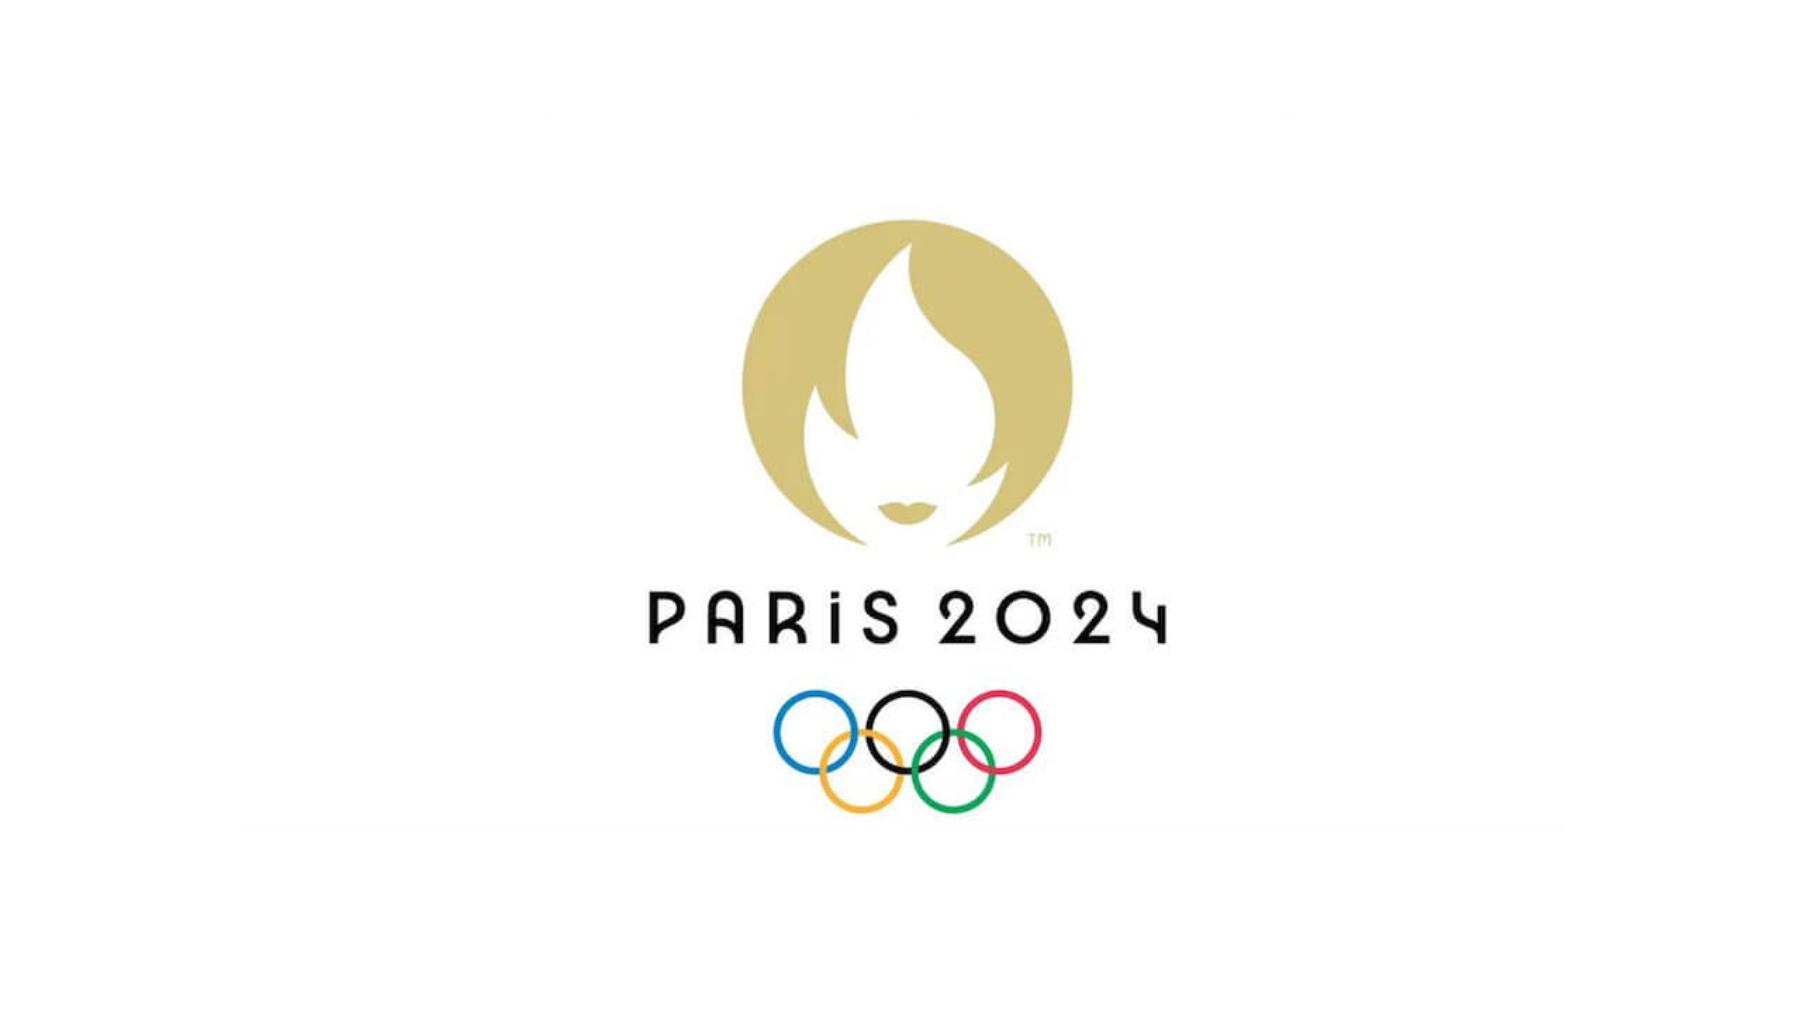 Emblema de los Juegos Olímpicos de París 2024